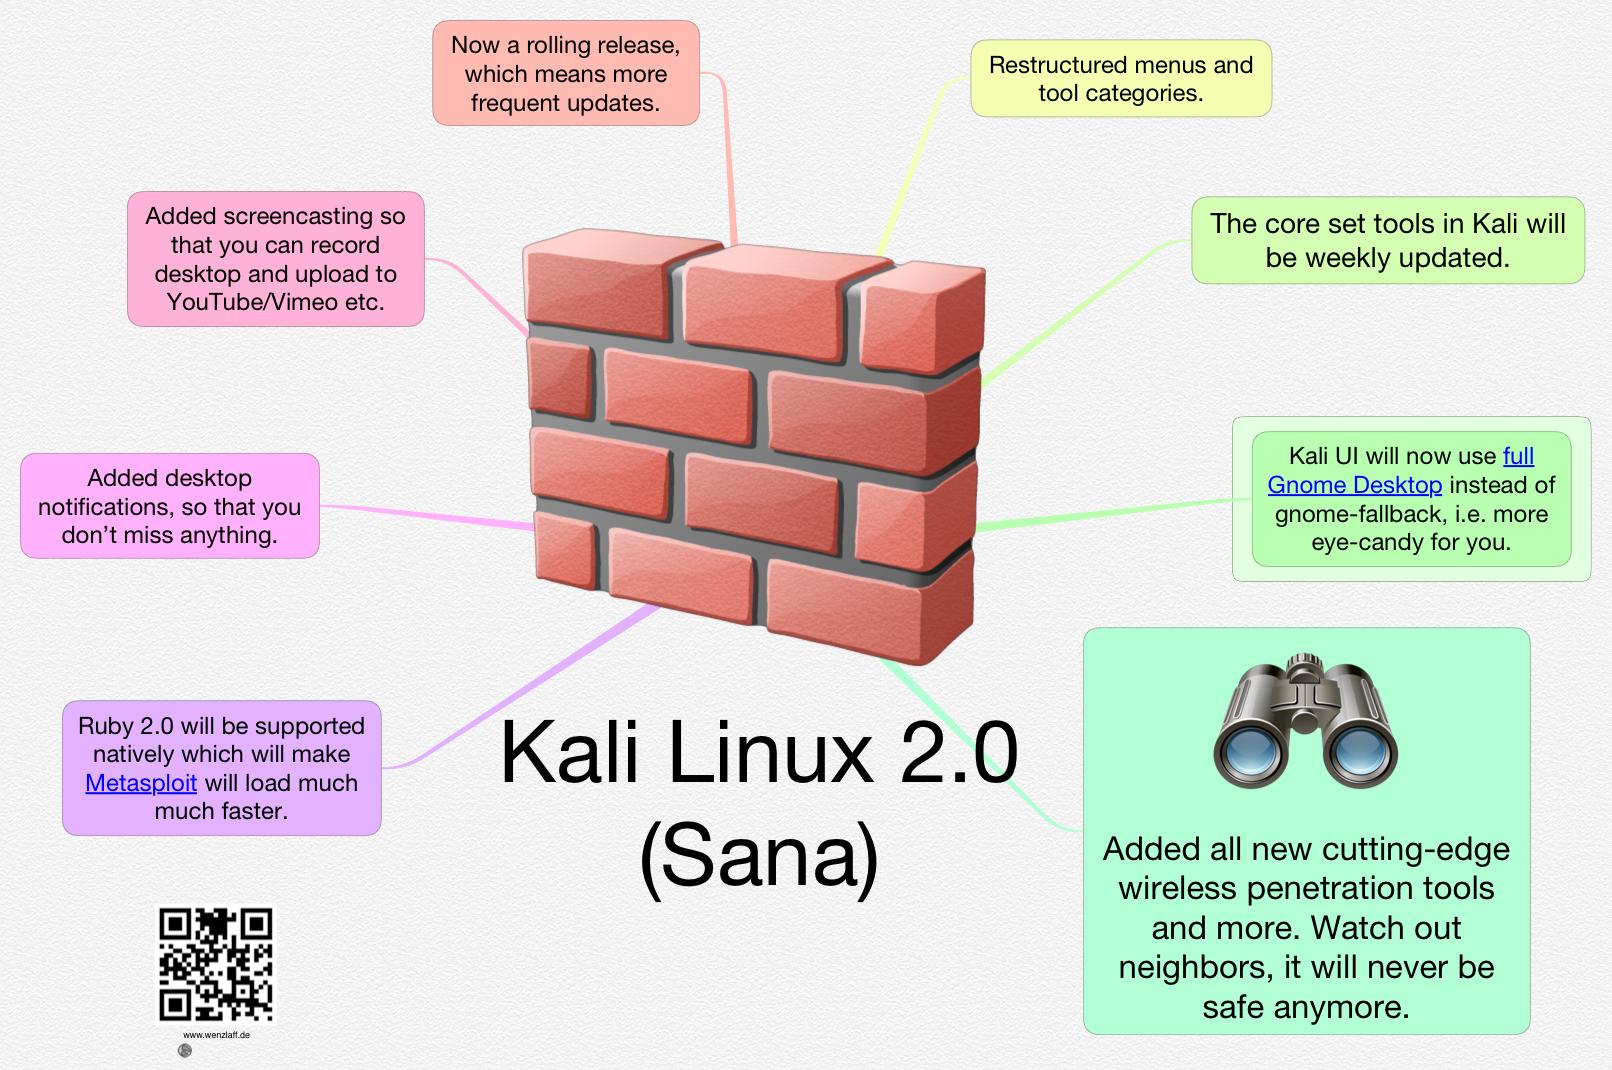 Kali-Linux-2.0